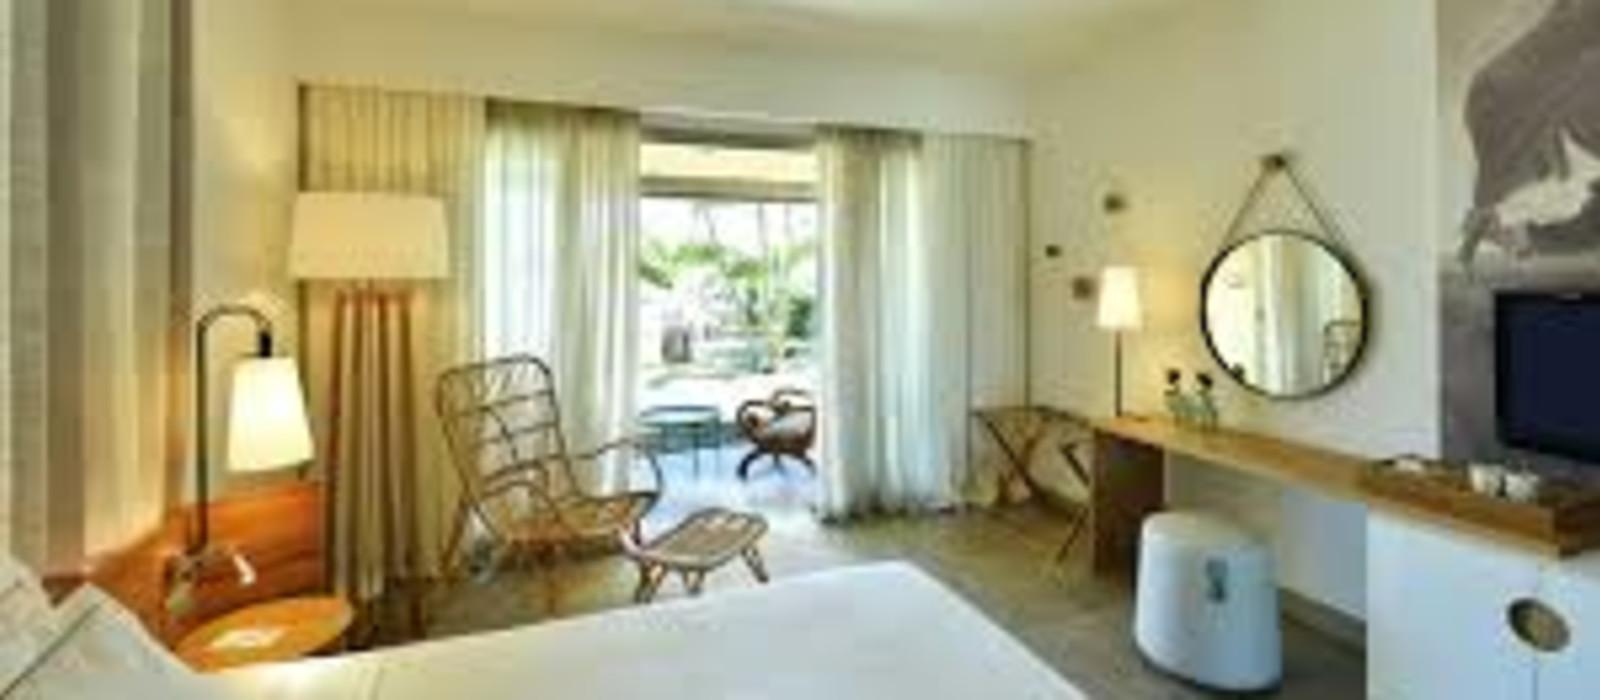 Hotel Veranda Paul et Virginie  & Spa Mauritius